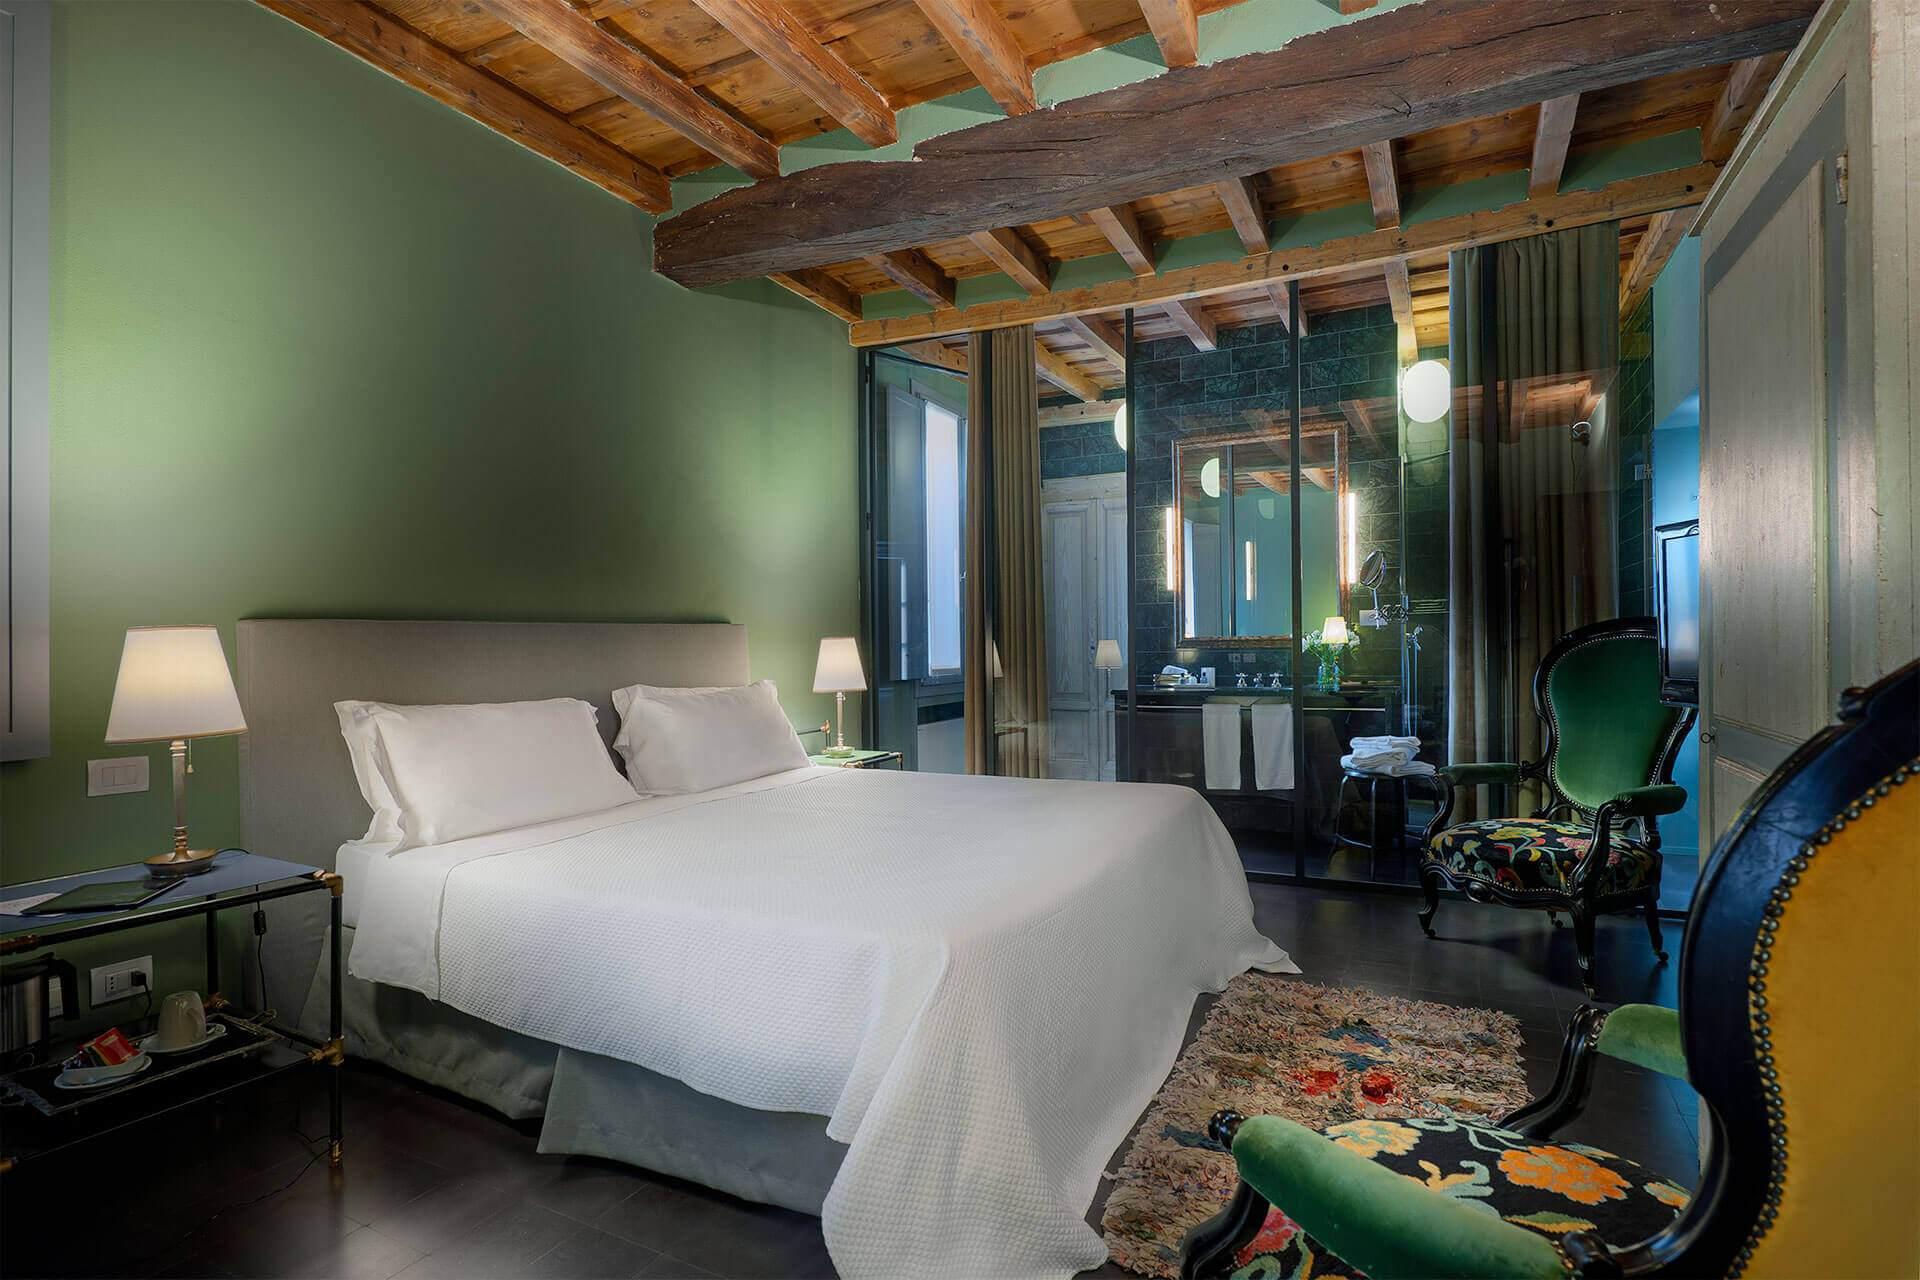 hotel-maison-borella-mi21